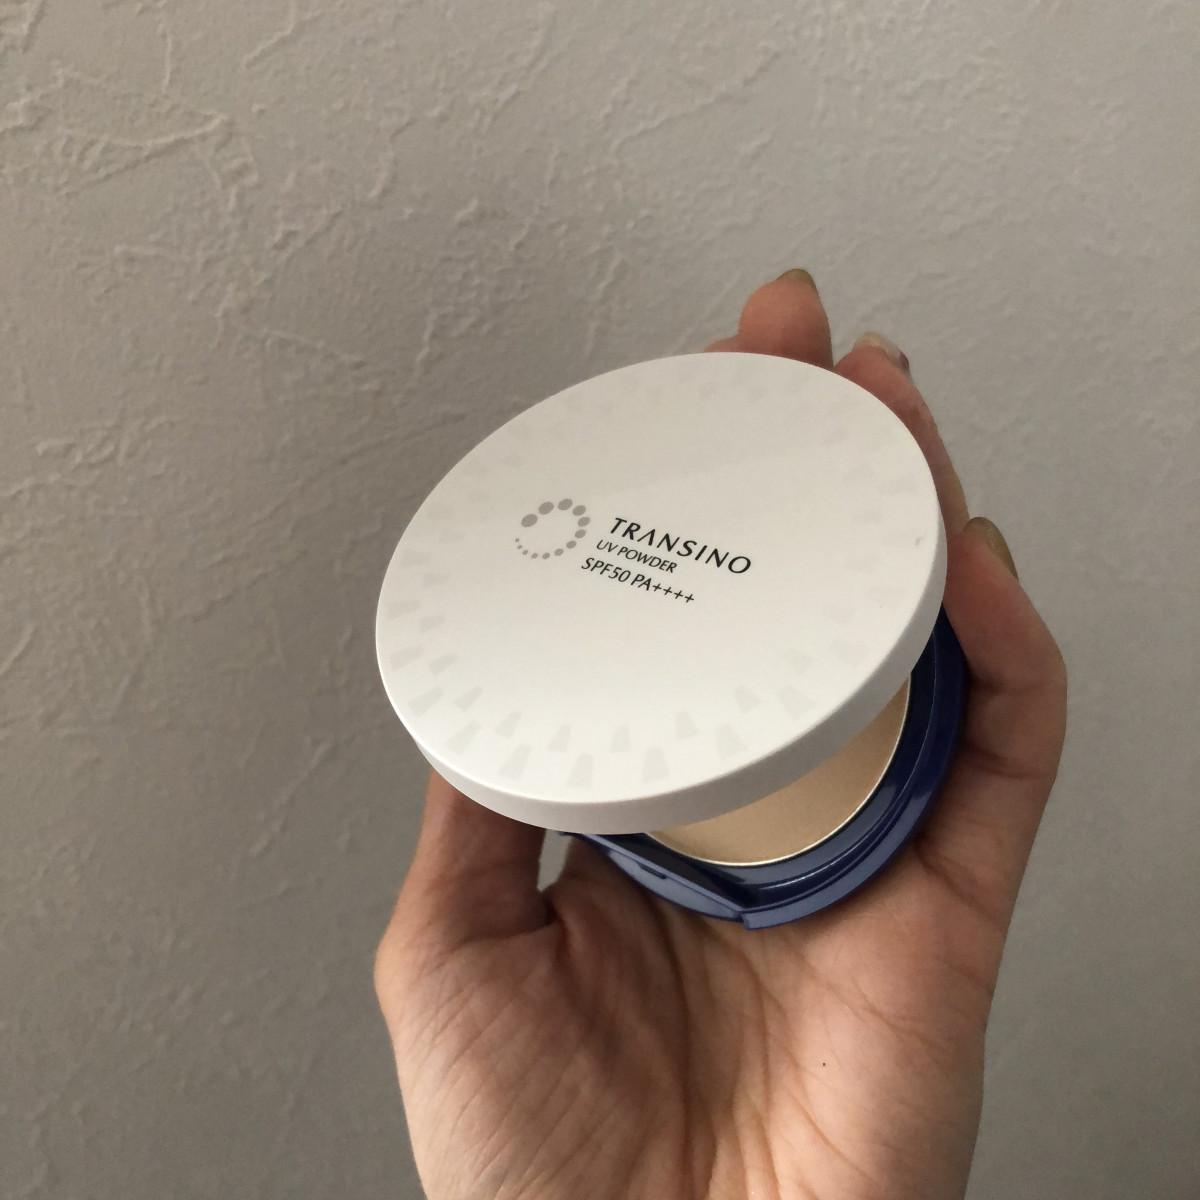 【夏のベースメイク】簡単にSPF50++++の化粧直しがかなう薬用UVパウダー